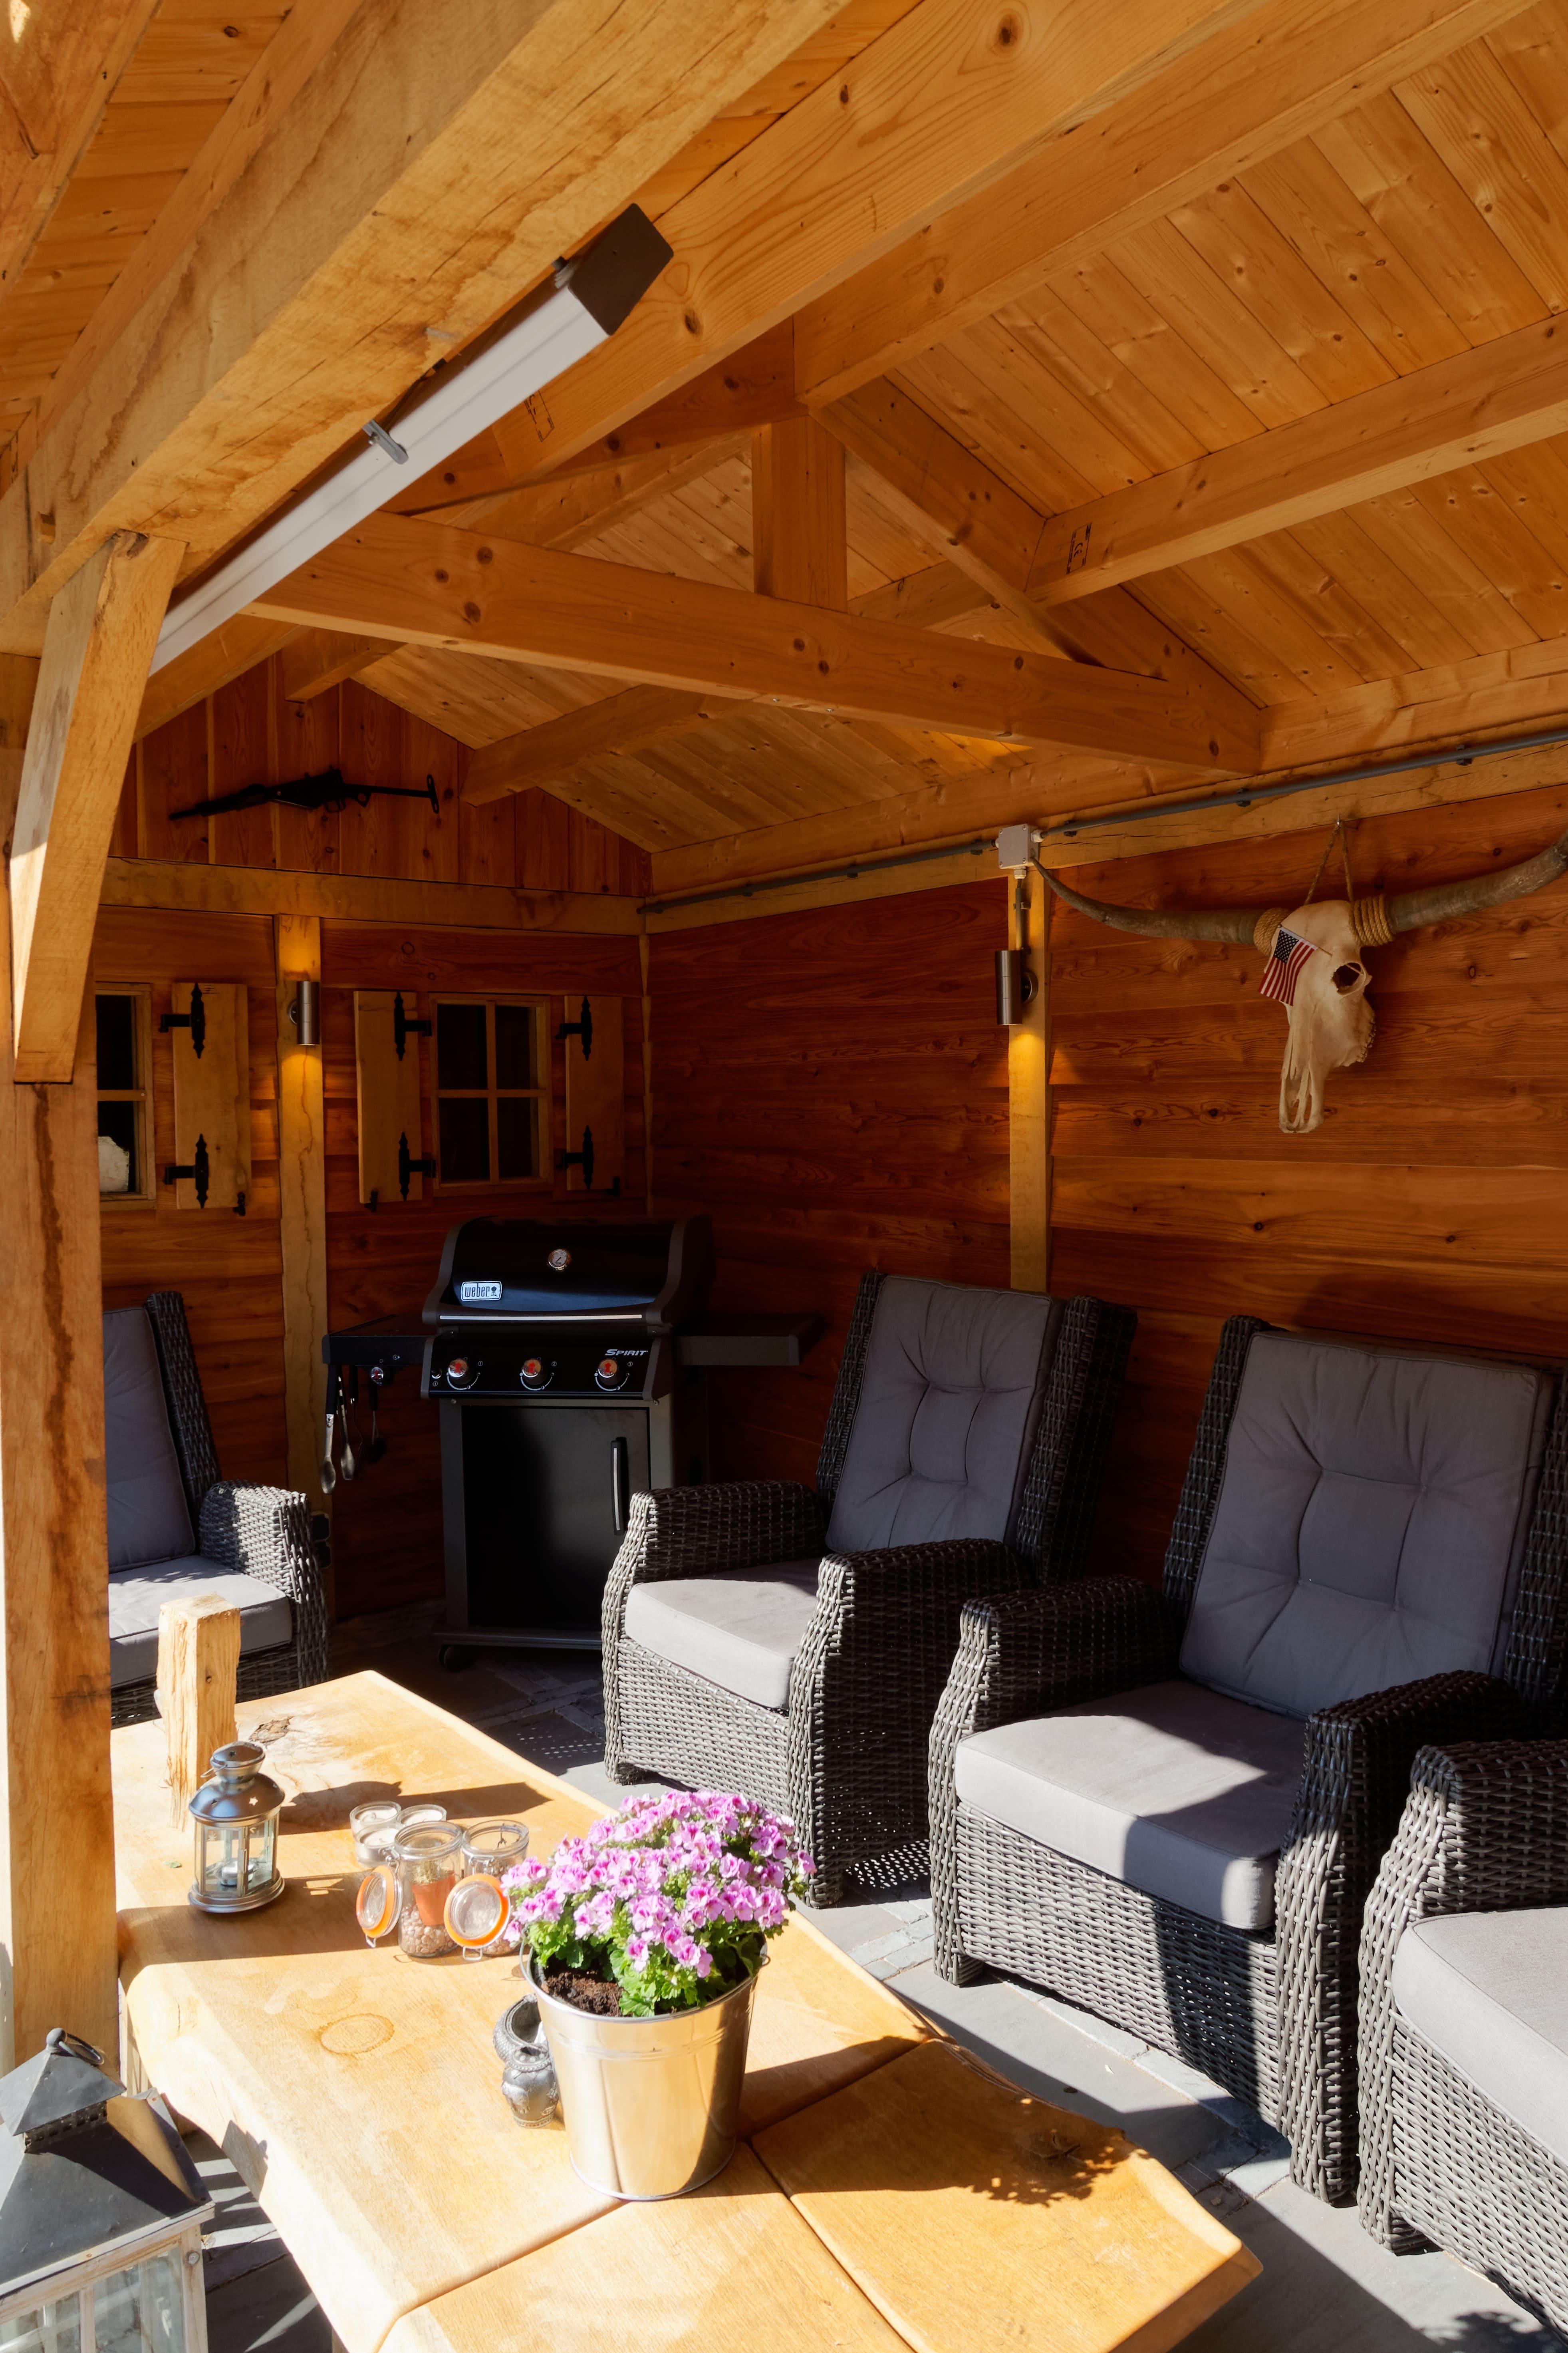 houten-tuinhuis-met-overkapping-2 - Project Hoofddorp: Eiken tuinhuis met veranda